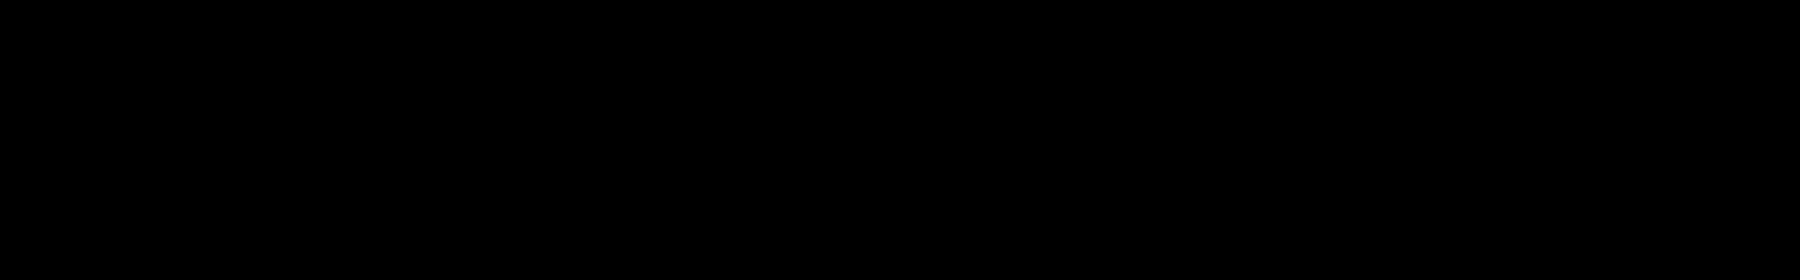 Nu-Skool Breaks audio waveform